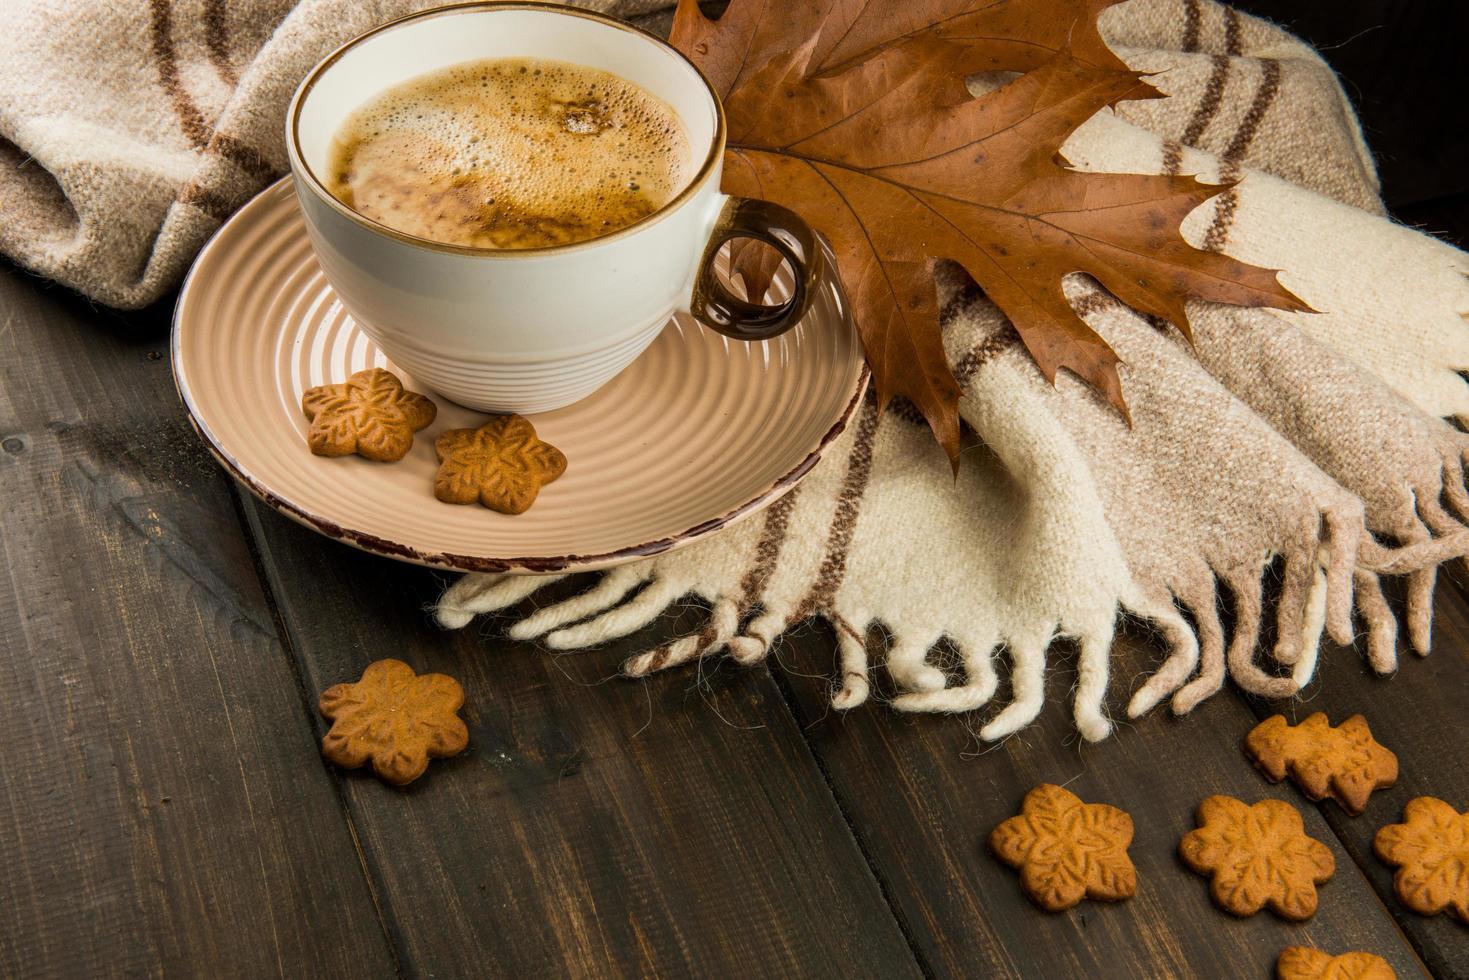 arredamento autunnale con caffè e biscotti foto